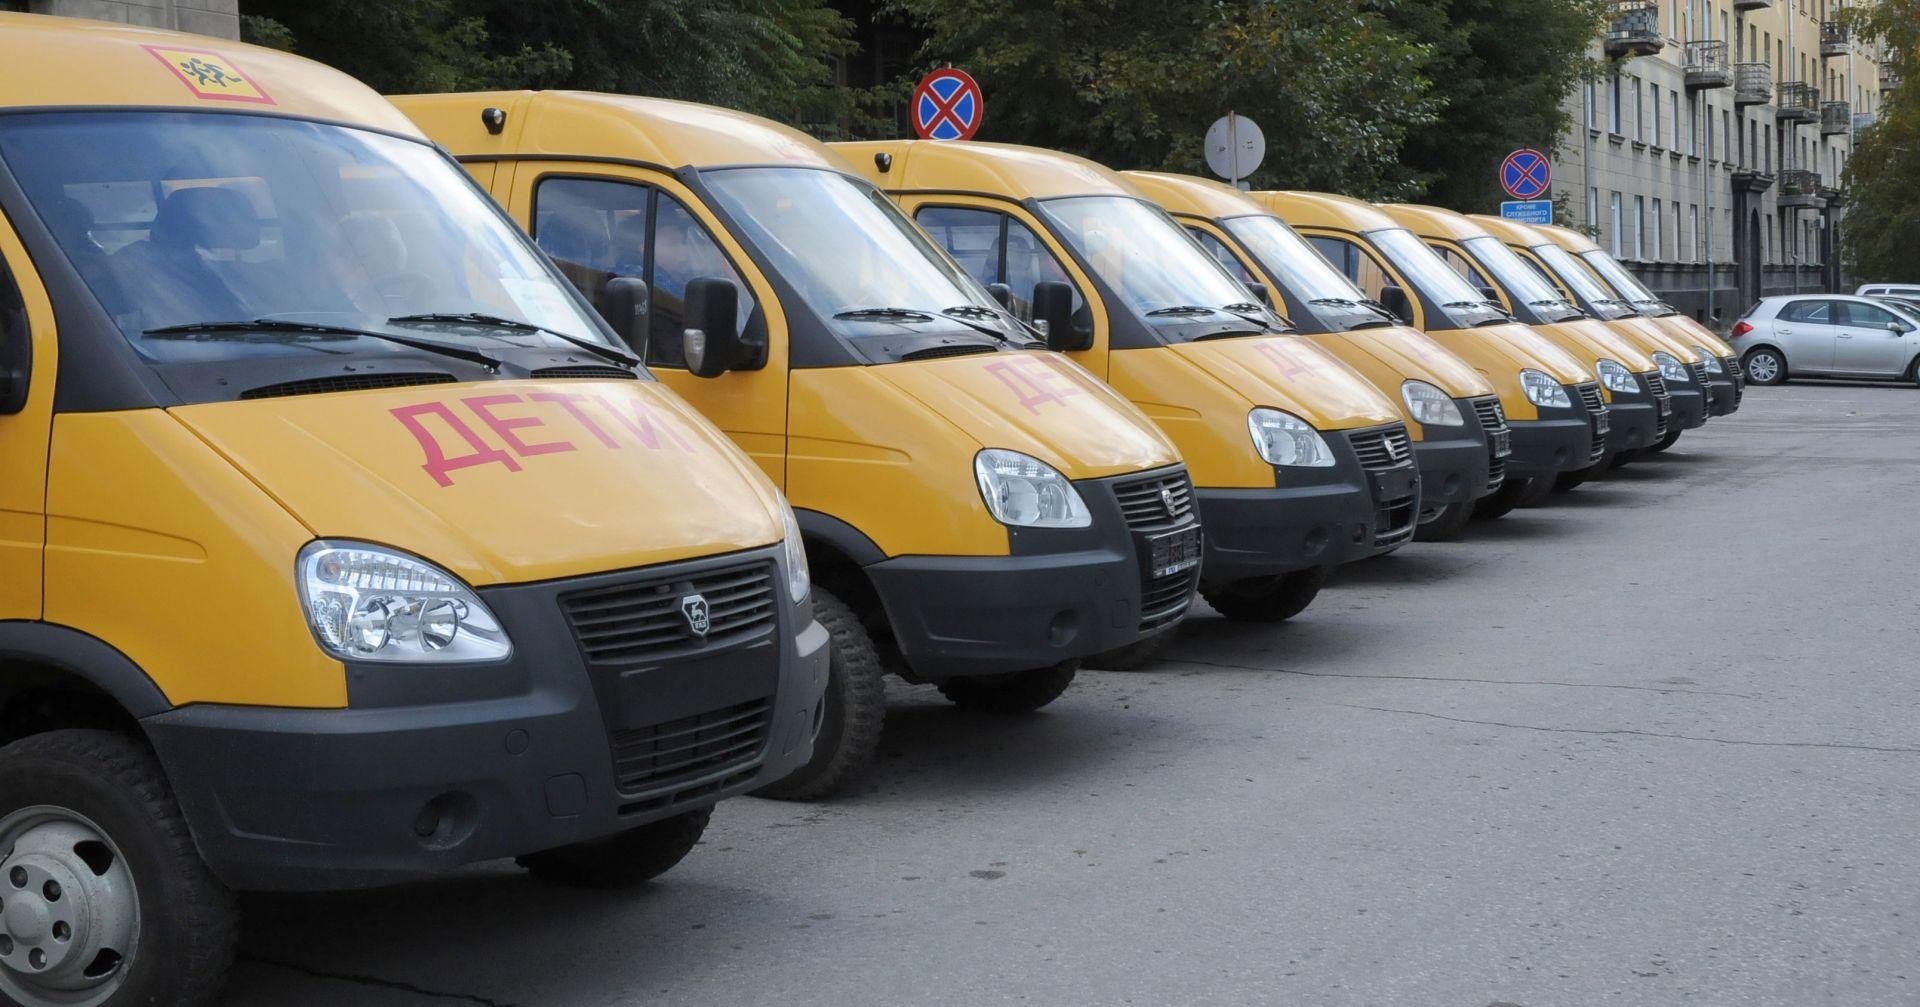 К началу учебного года более 30 новых школьных автобусов выйдут на маршруты в Новосибирской области